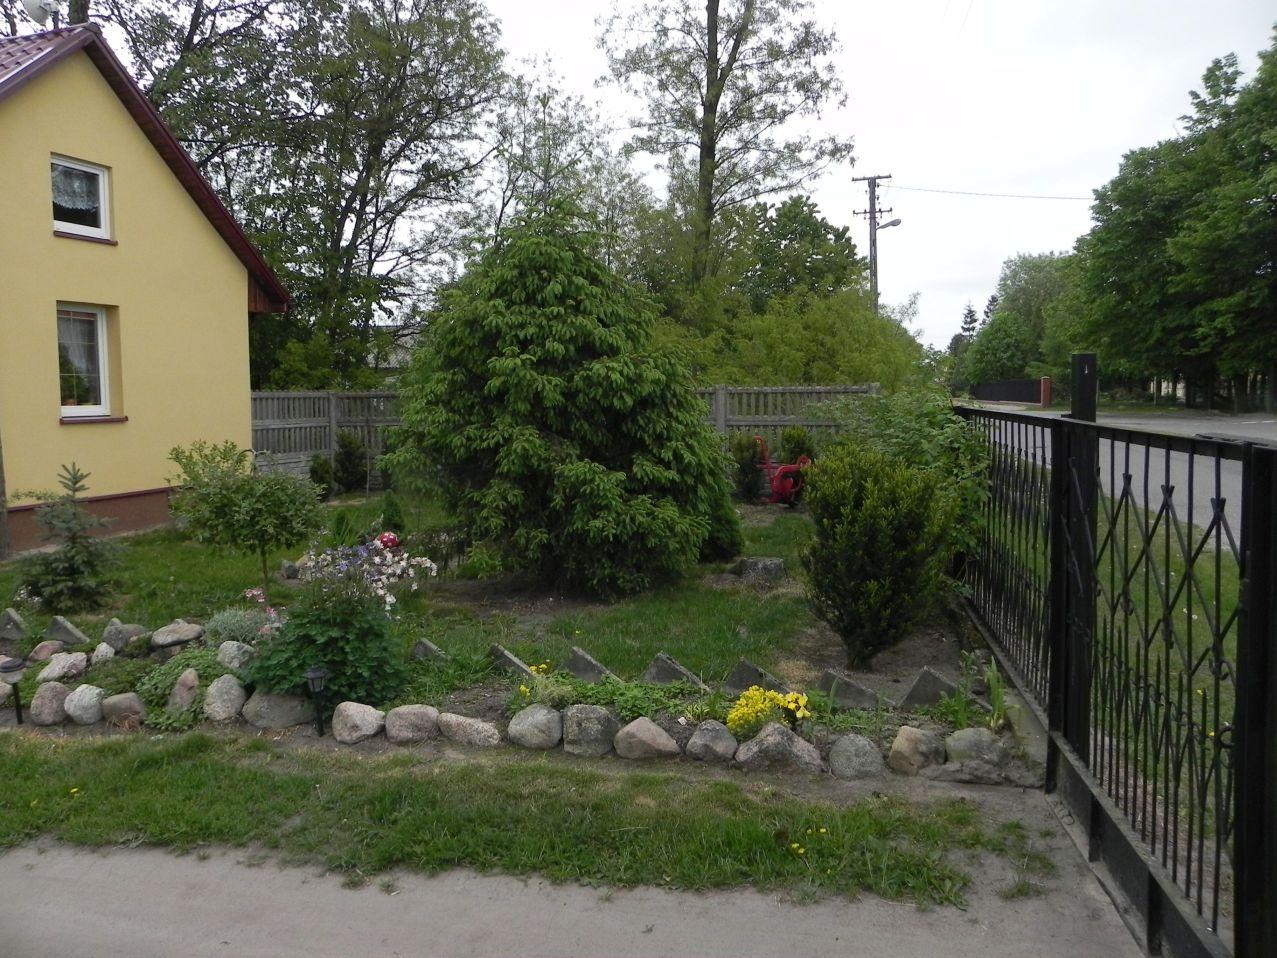 Galeria zdjęć Sochowej Zagrody - podwórko i przyroda (61)